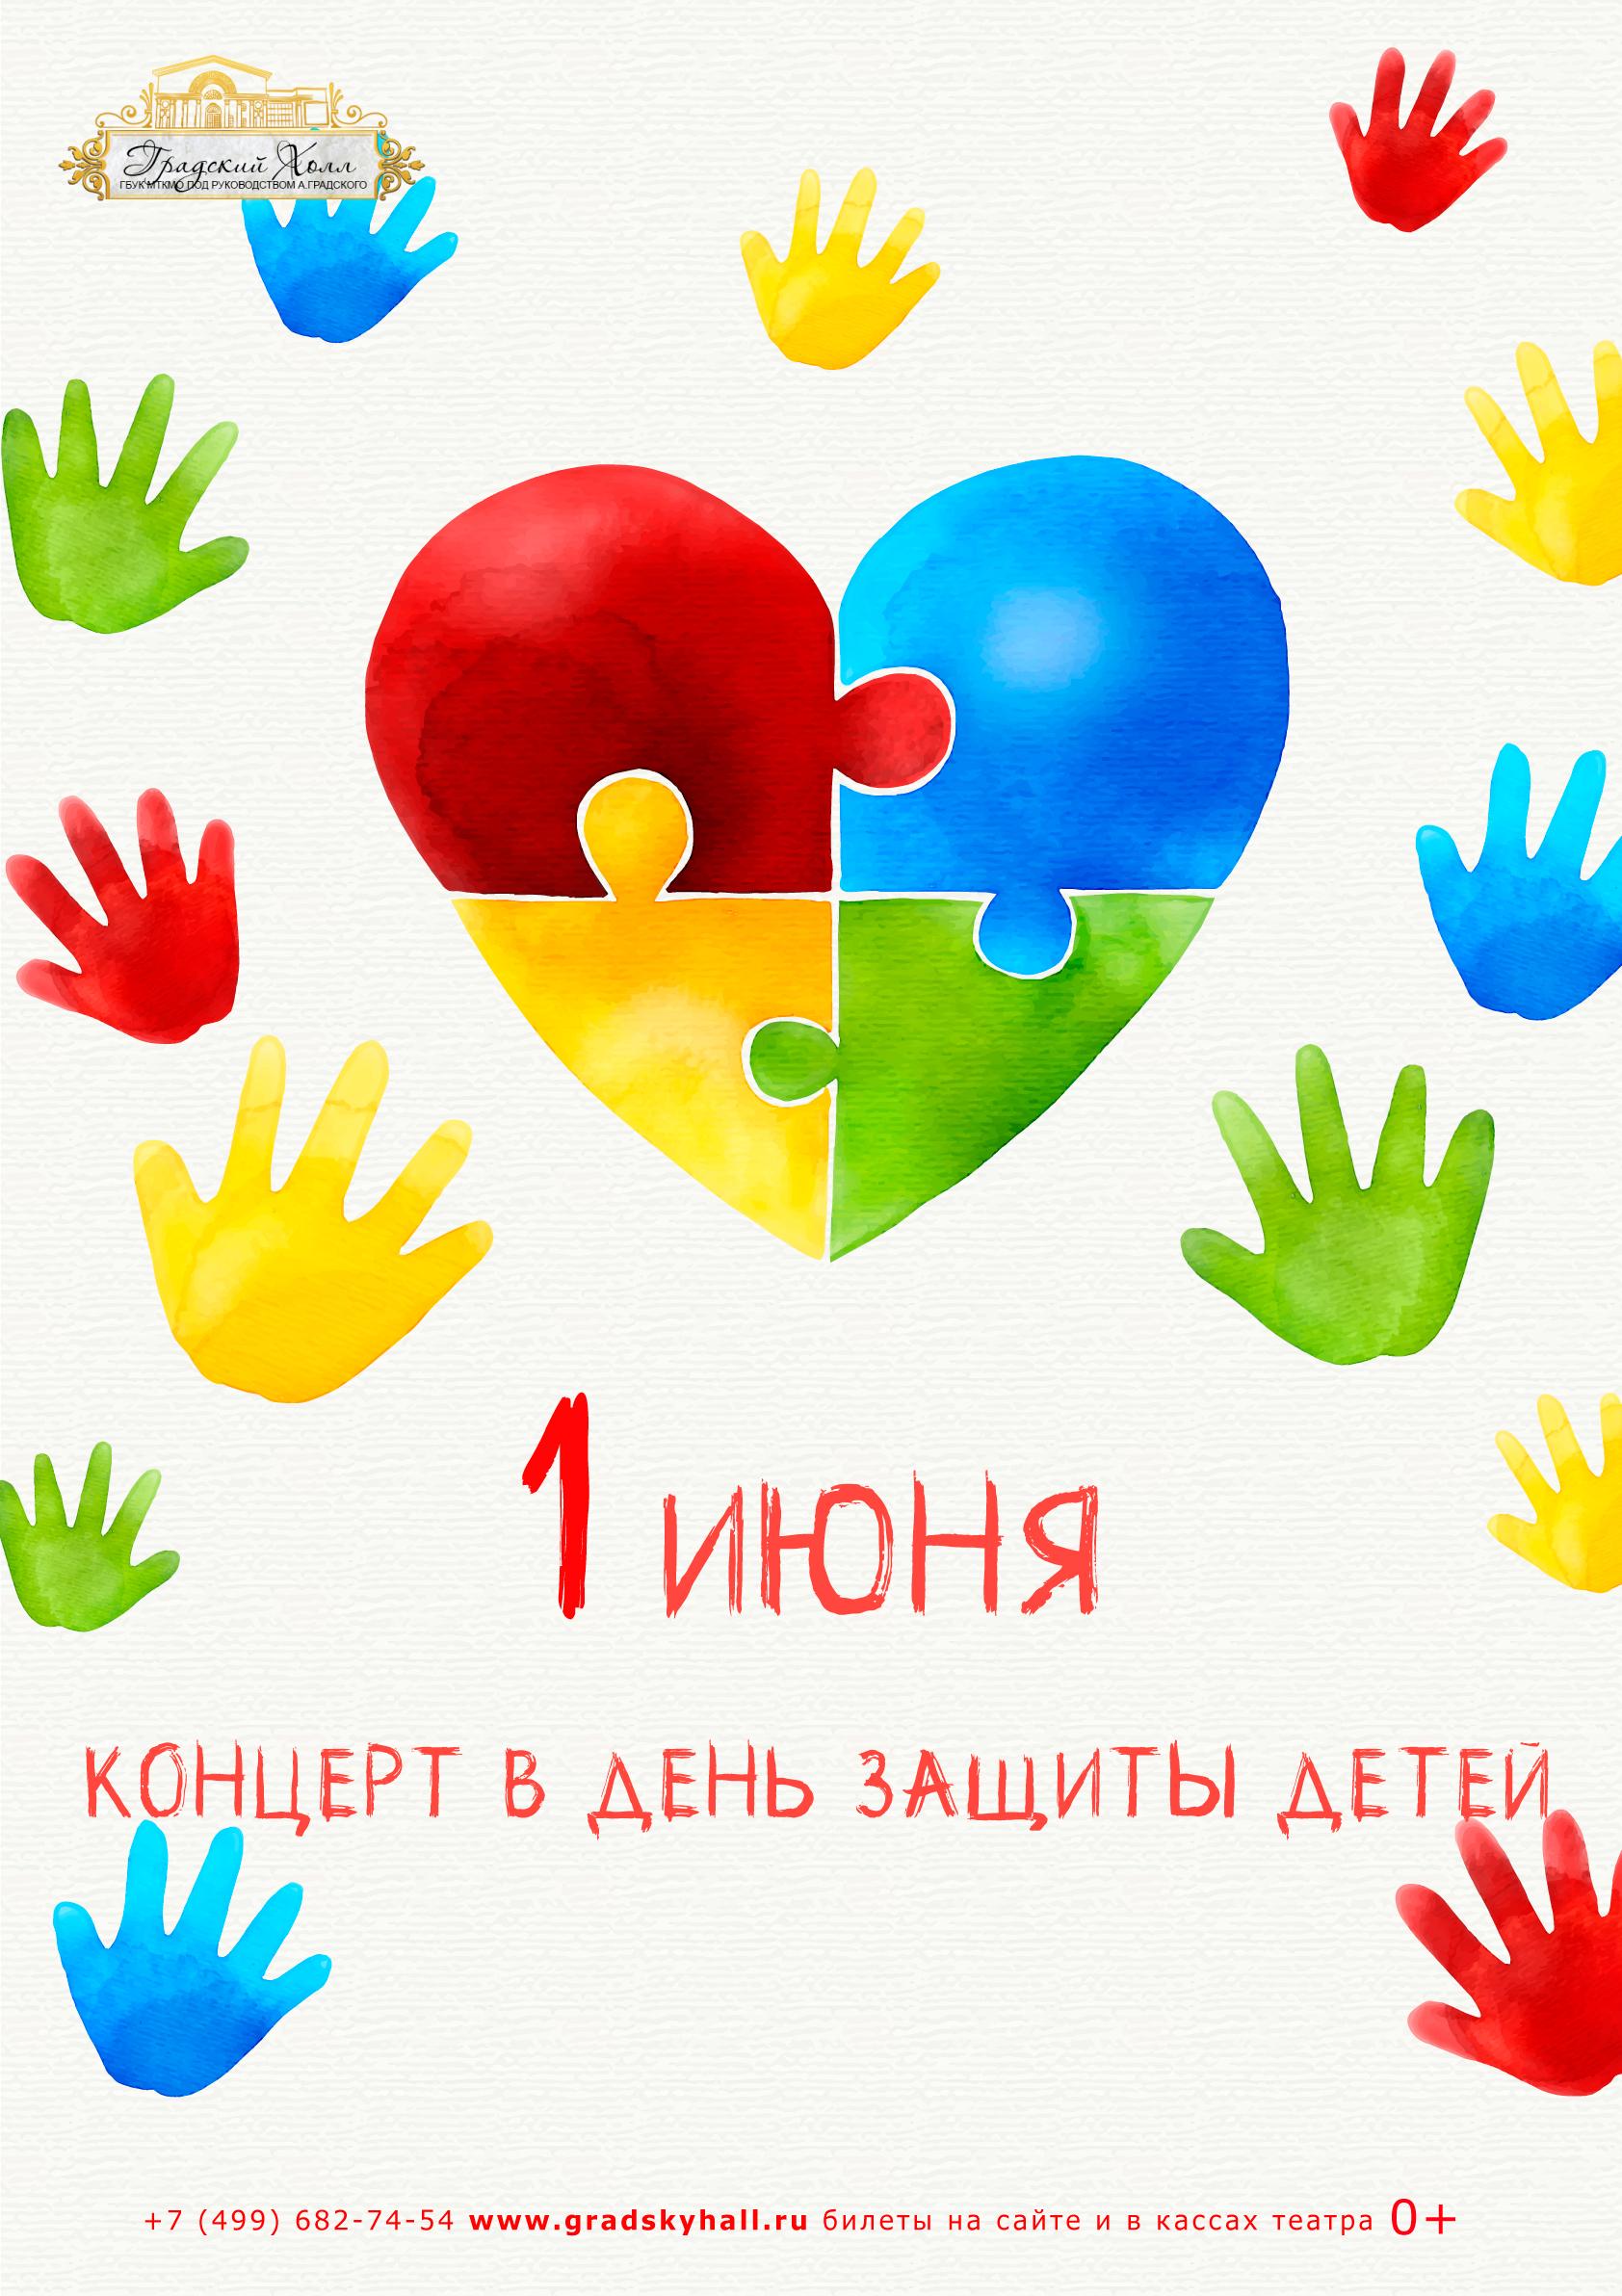 1 ИЮНЯ. Концерт в день защиты детей